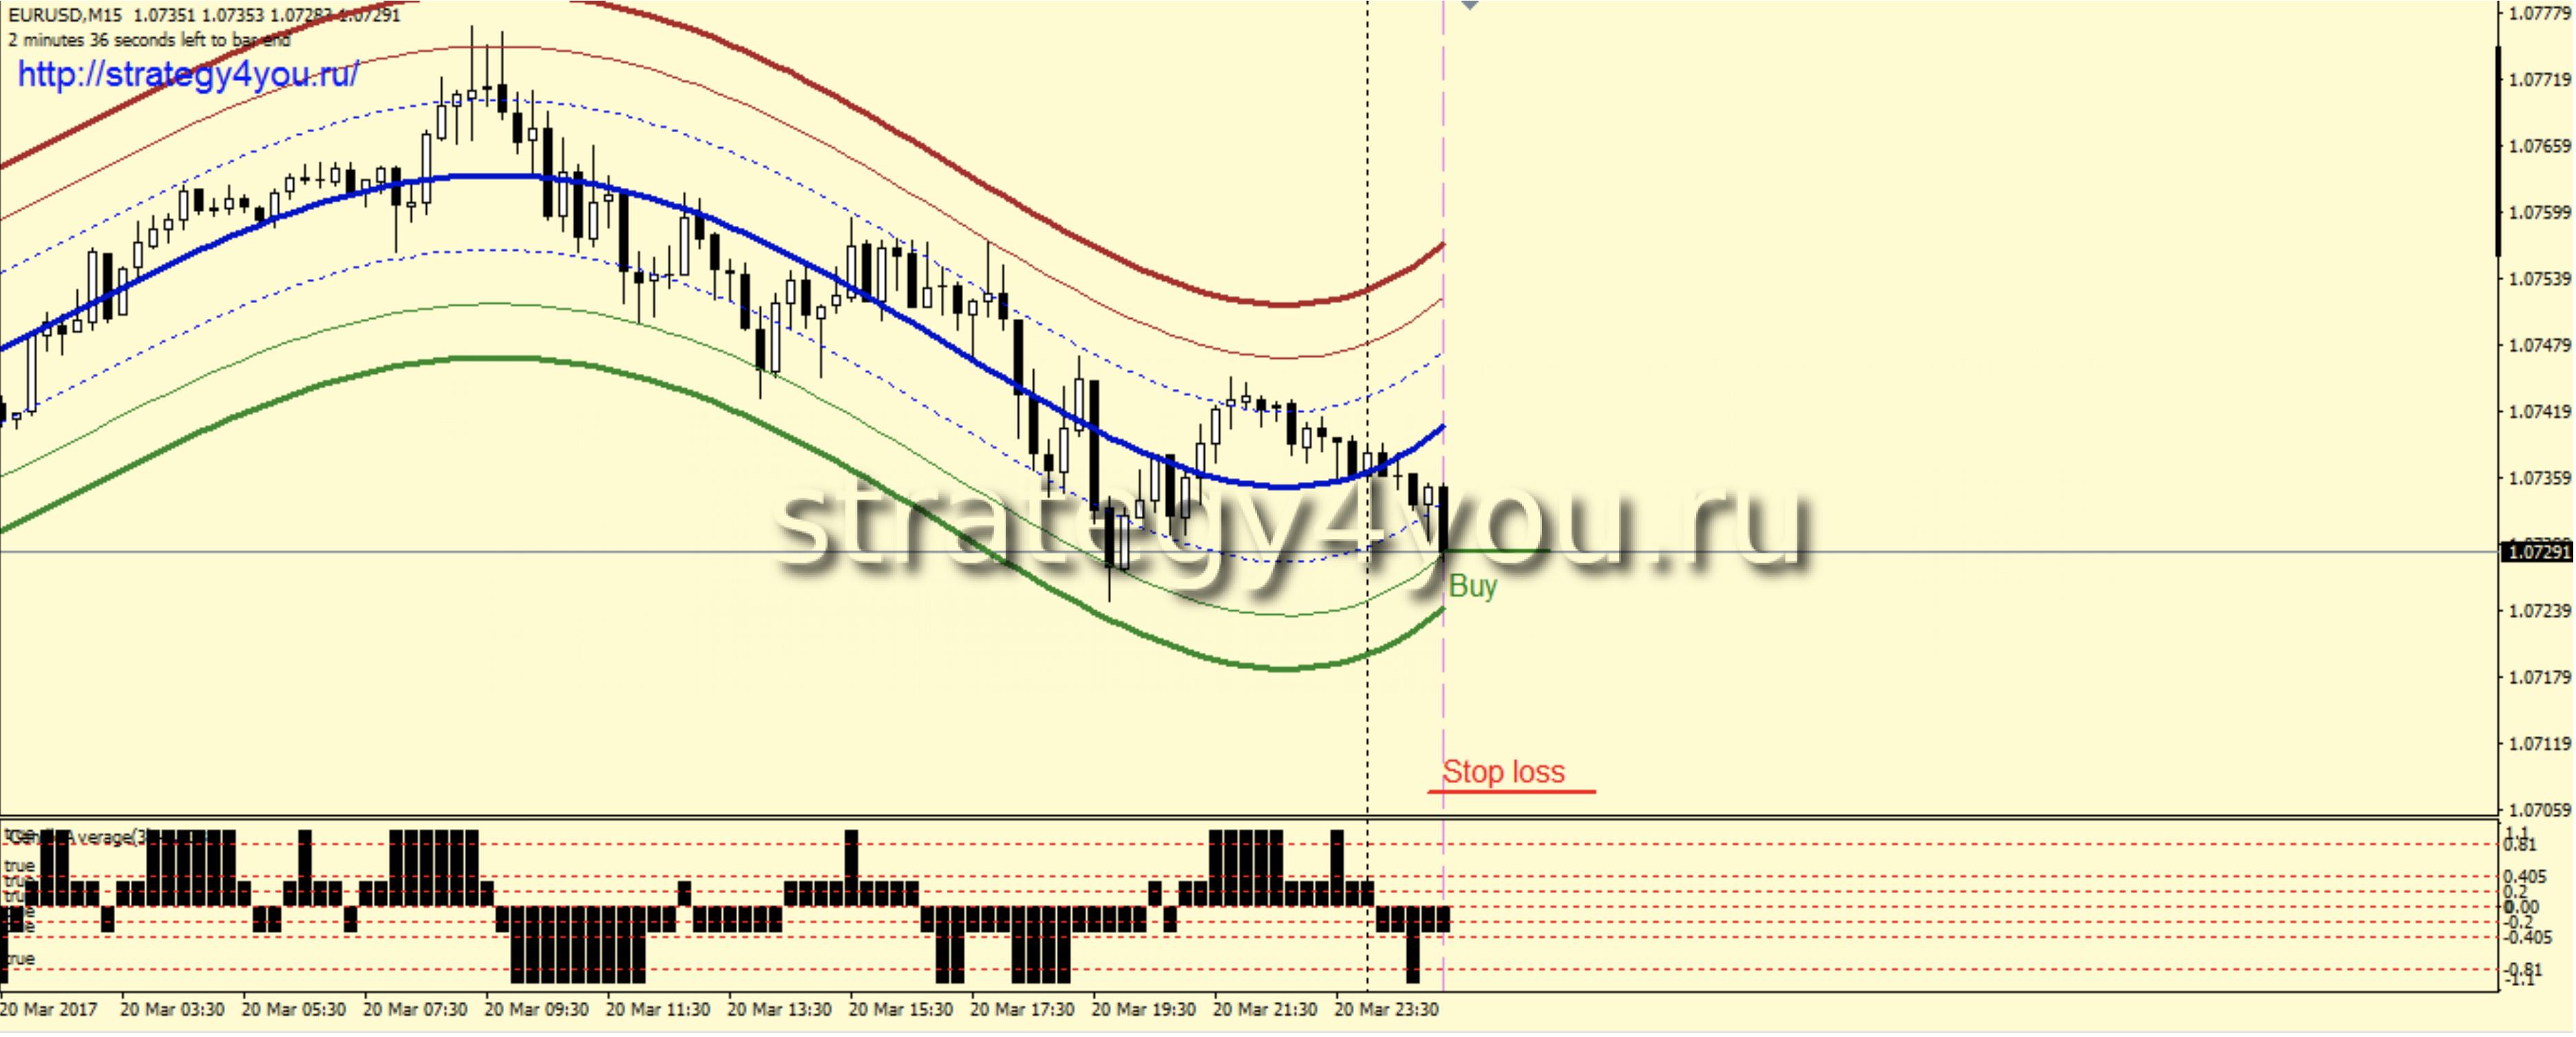 Стратегия форекс обзор валютного рынка как форекс основы прогнозирования